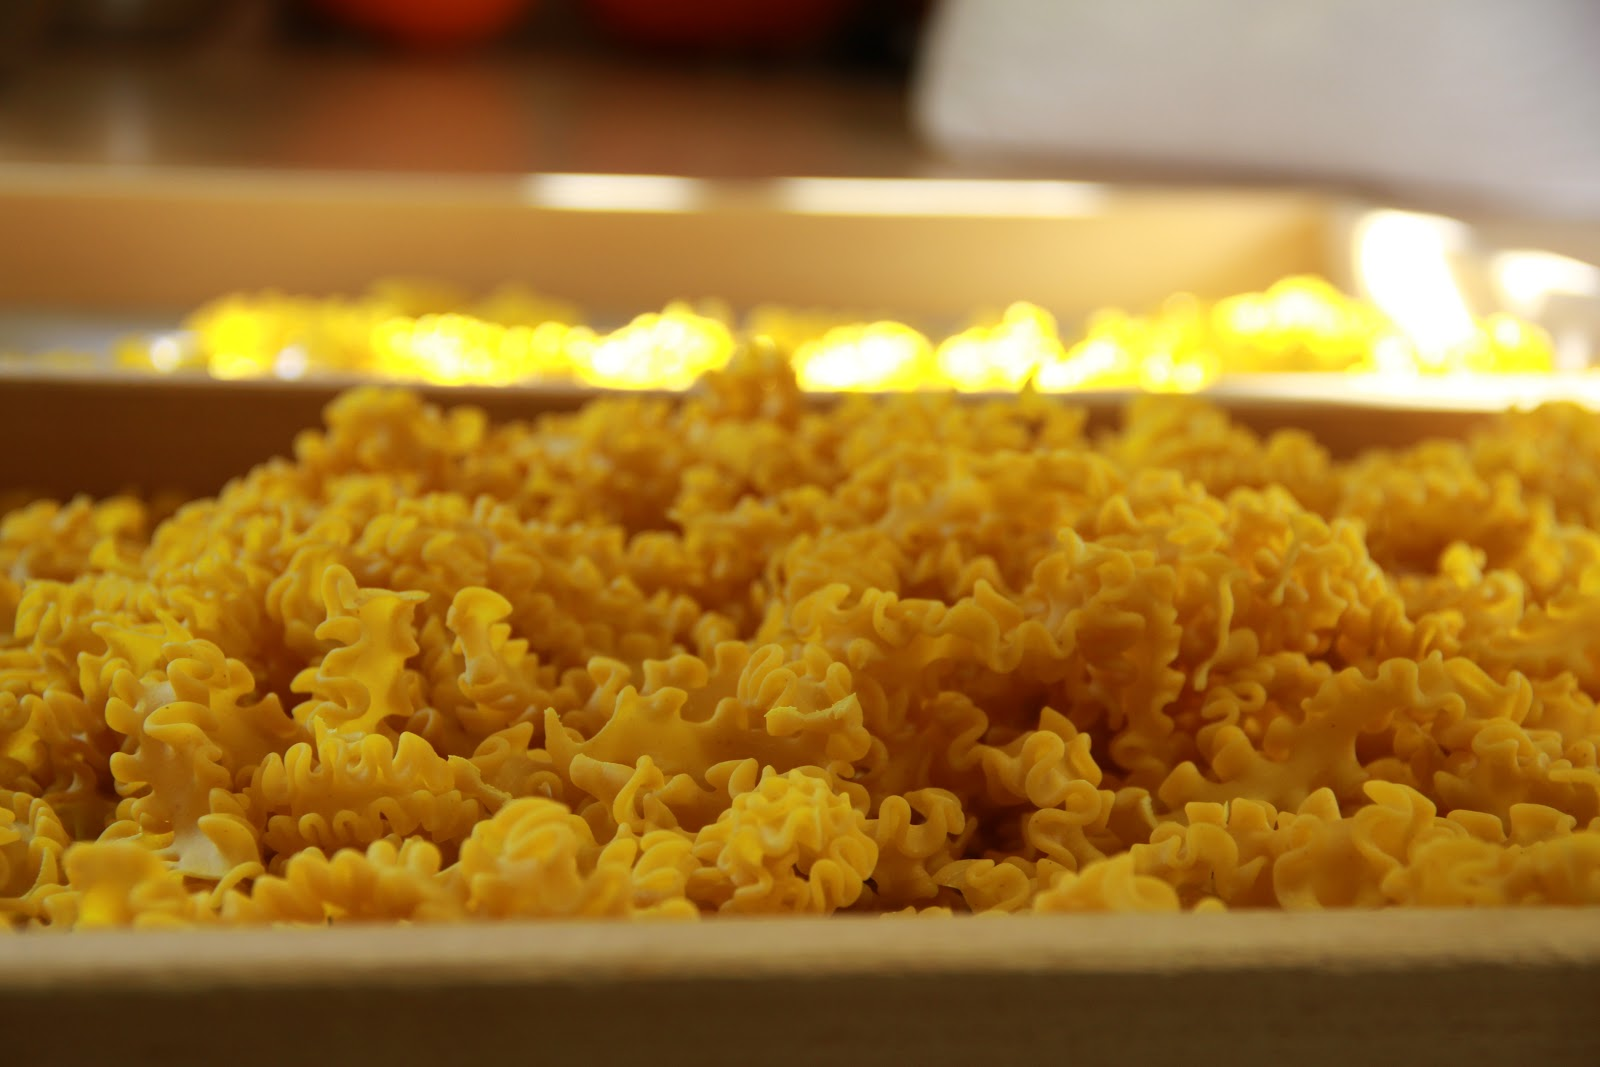 Du siehst ein Tablett voller gekringelter Nudeln, die in der Nudelmanufaktur Morlock Bad Teinach Zavelstein hergestellt werden.